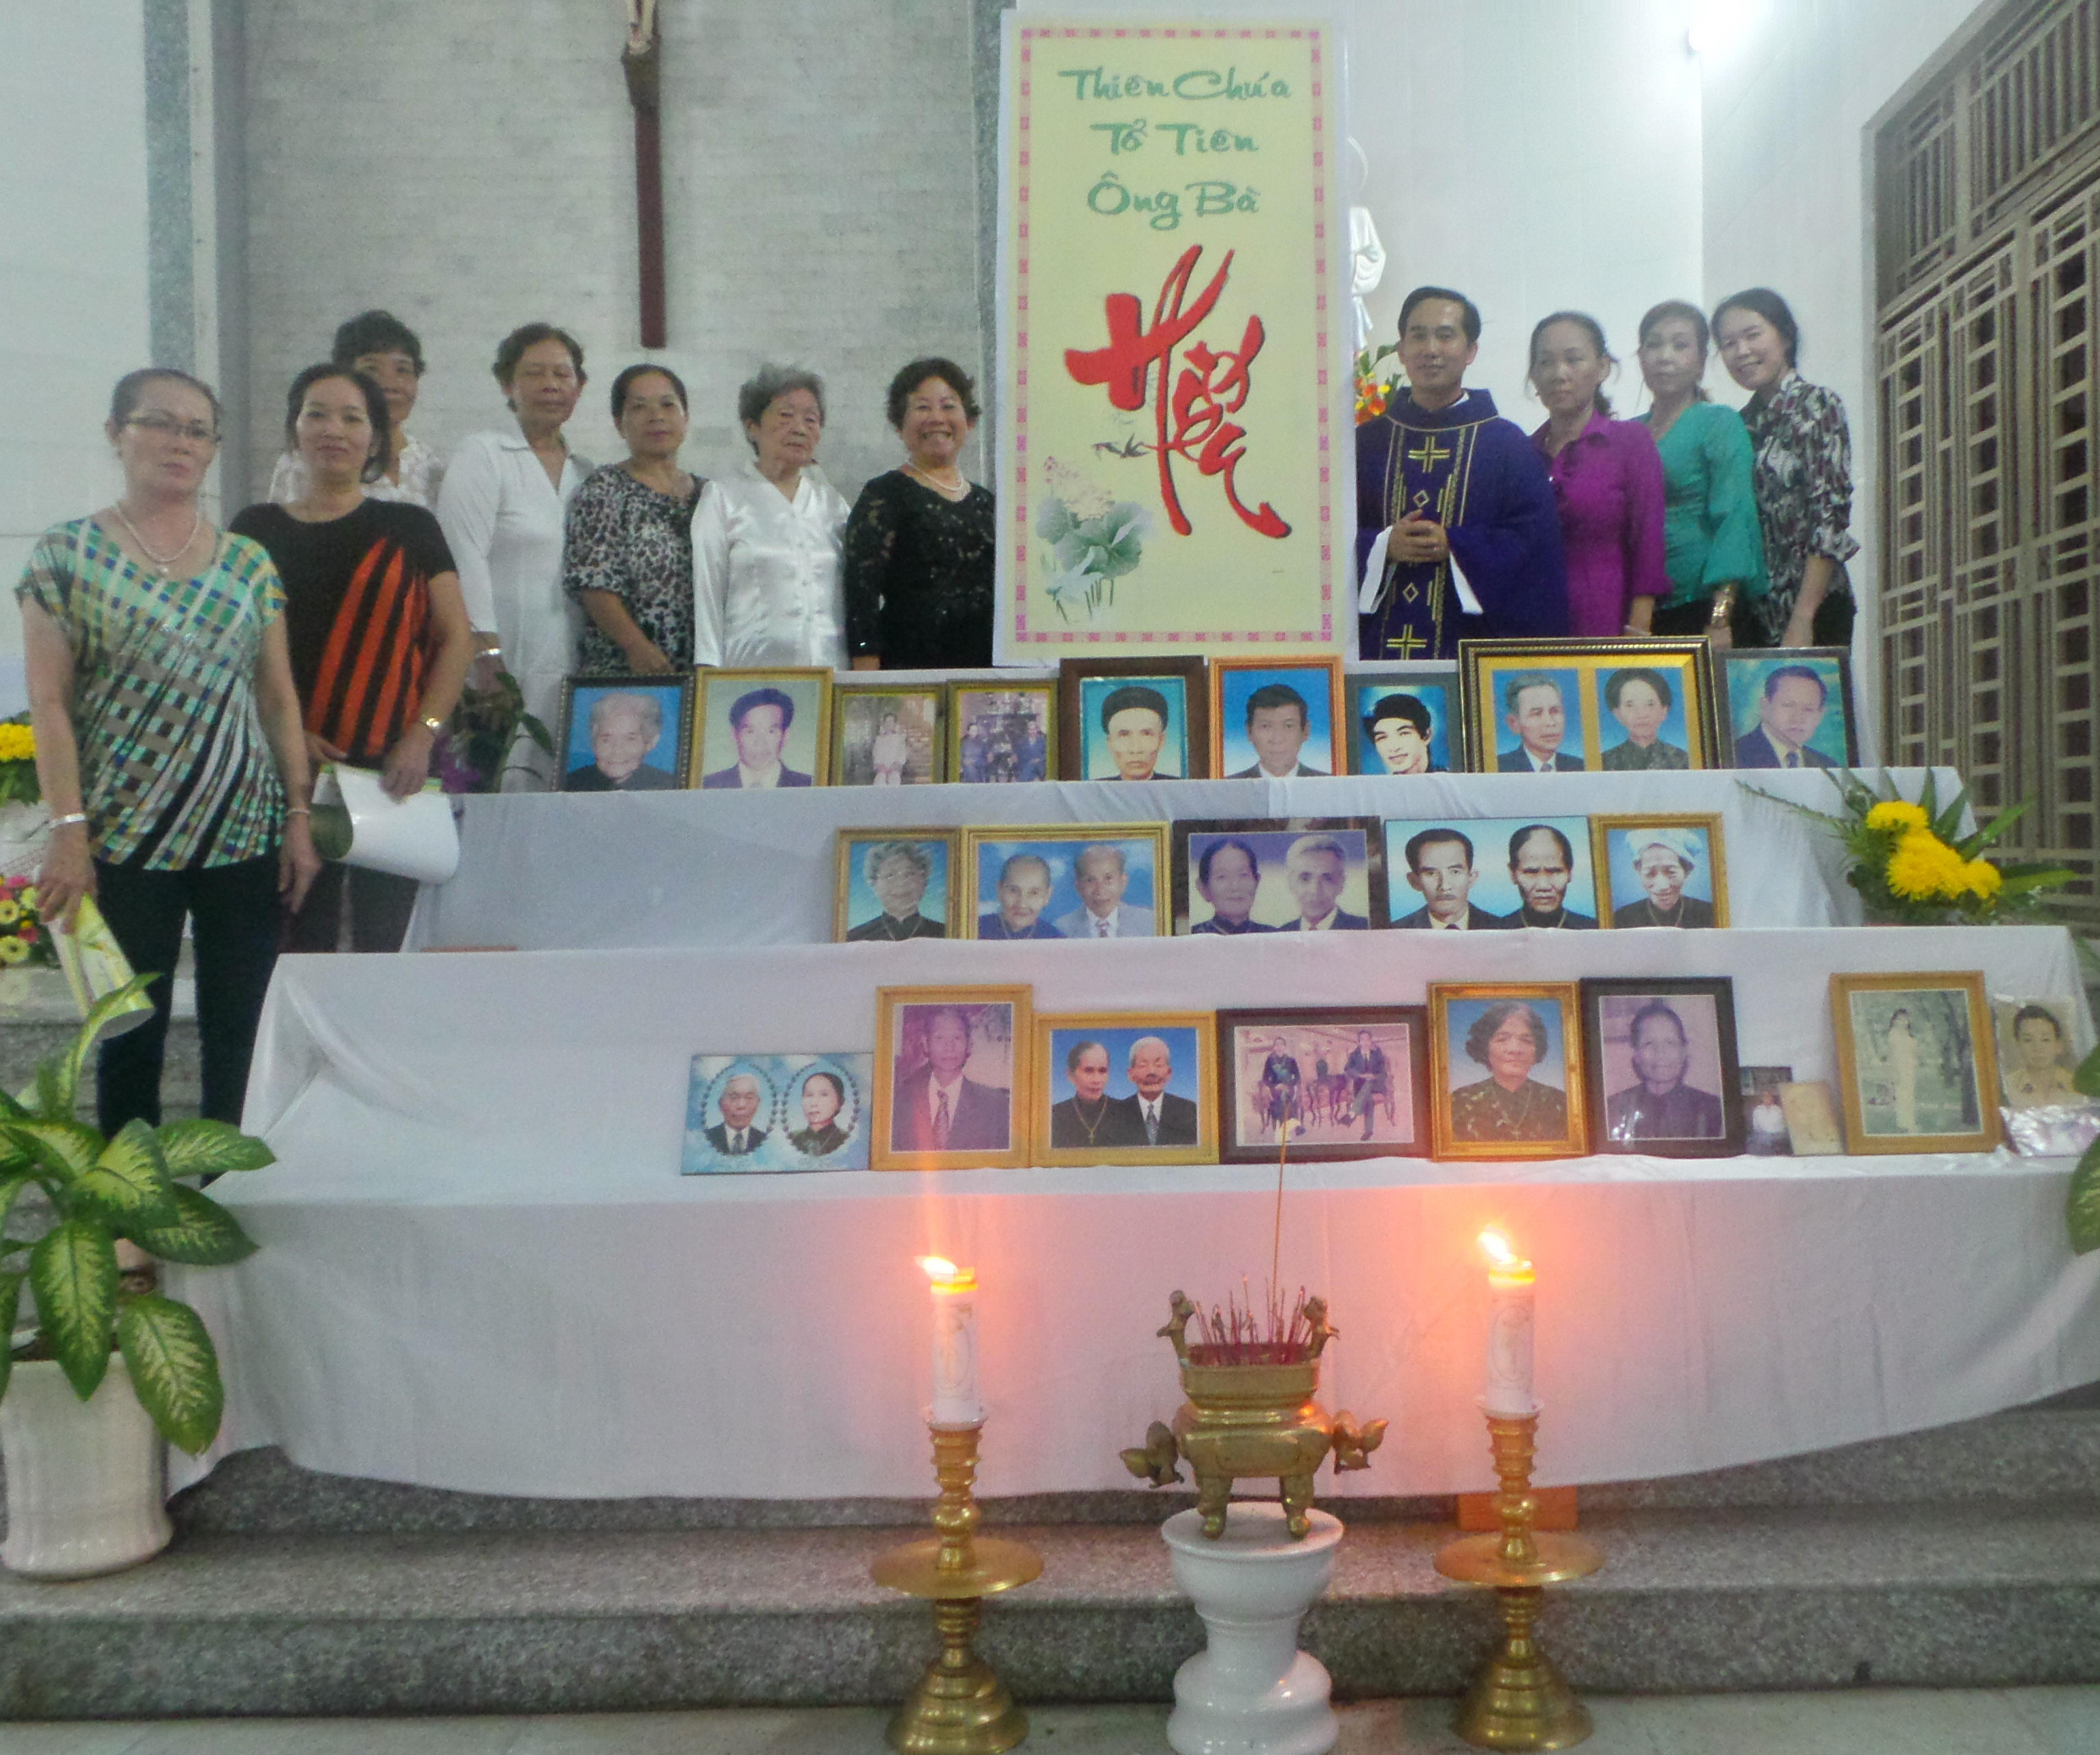 Ngày đến với anh em lương dân - Một đề nghị cho Khánh Nhật Truyền Giáo 2019